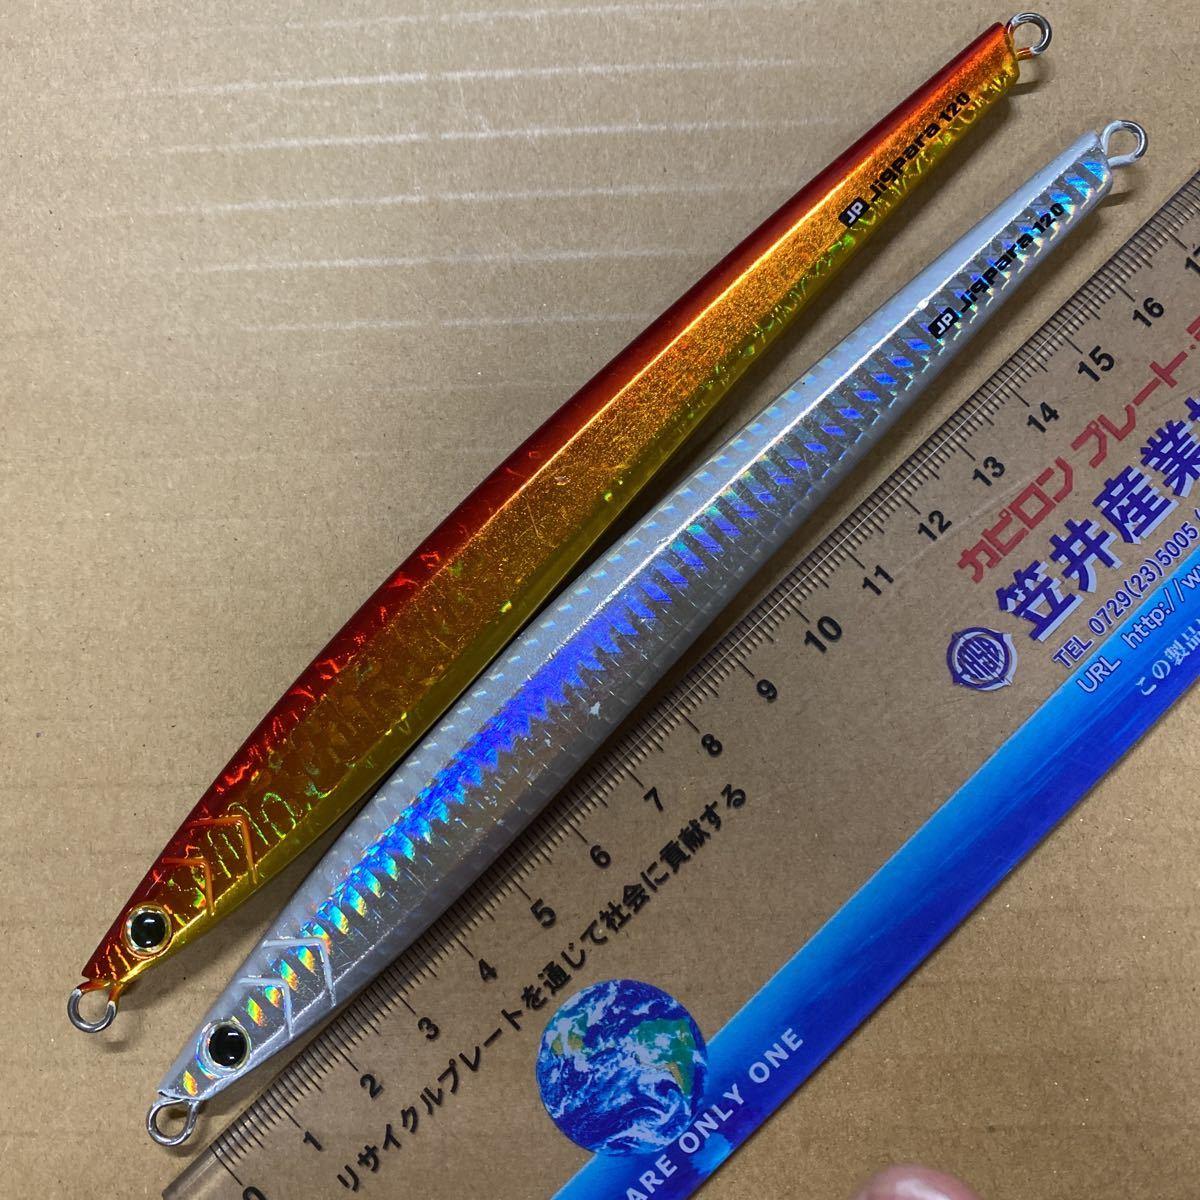 メジャークラフト ジグパラ バーチカル 120g×2 人気色 S6 メタルジグ ジギング ソルト ルアー 同梱可_画像1